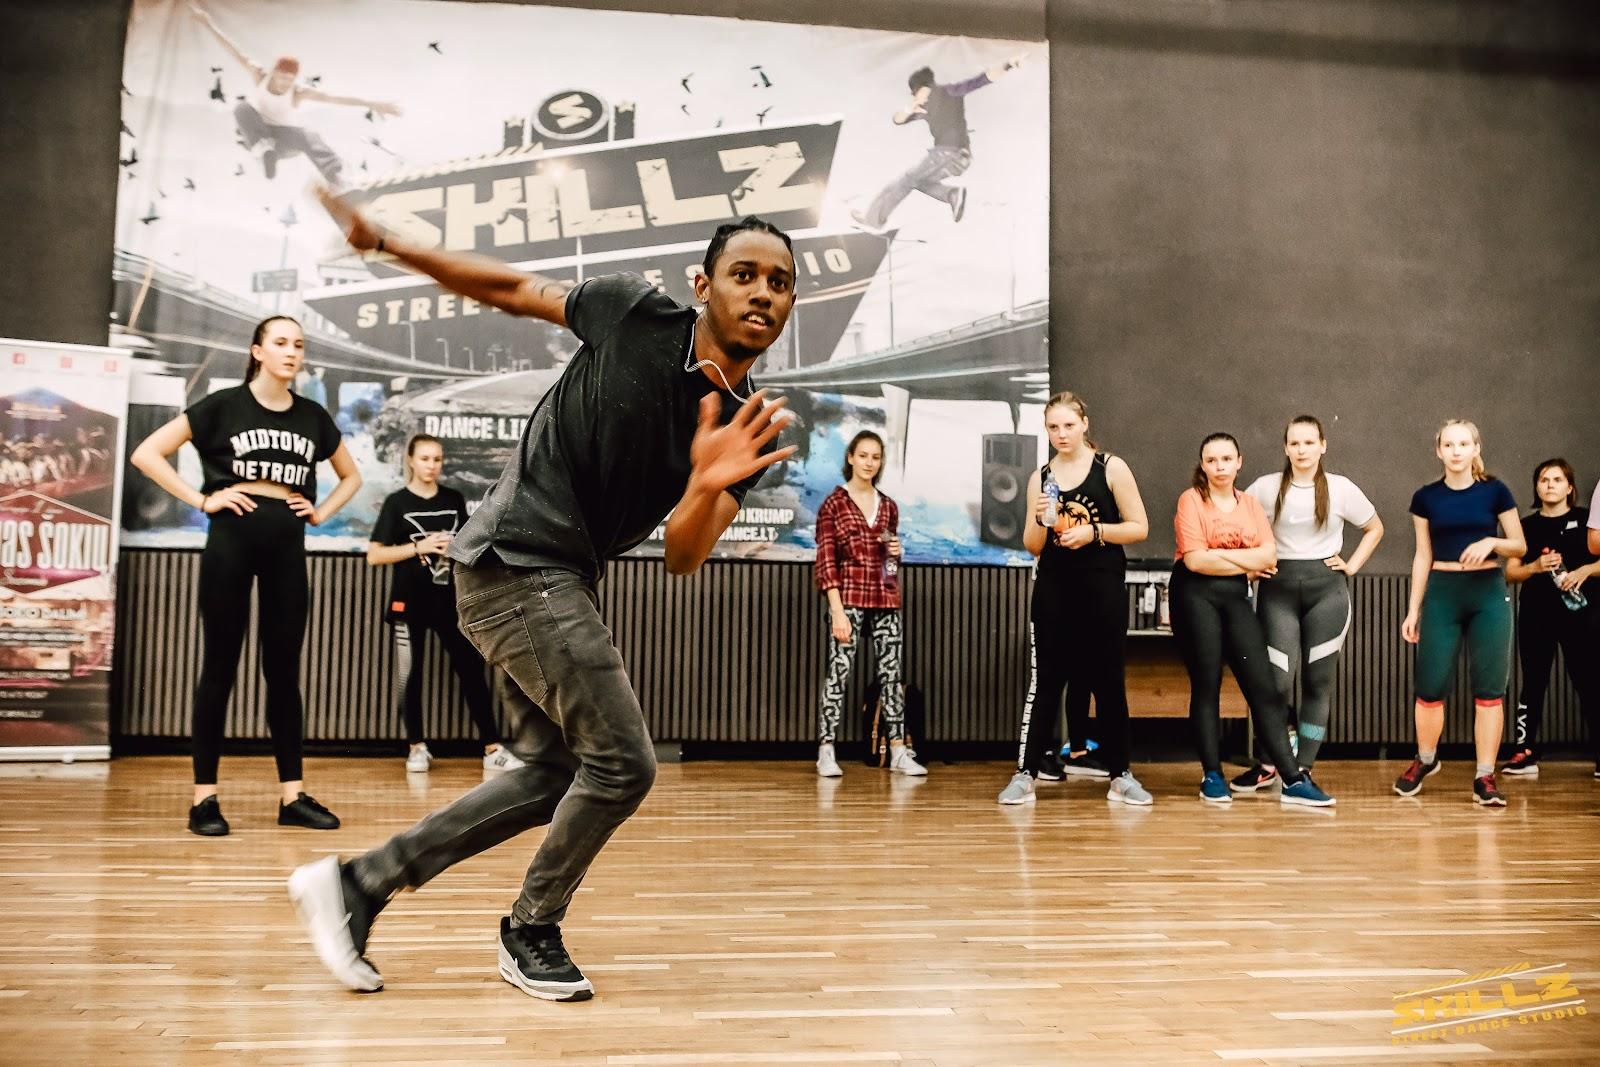 Dancehall Takeover seminarai (Jamaika, Belgija, Prancuzija) - xIMG_0068.jpg